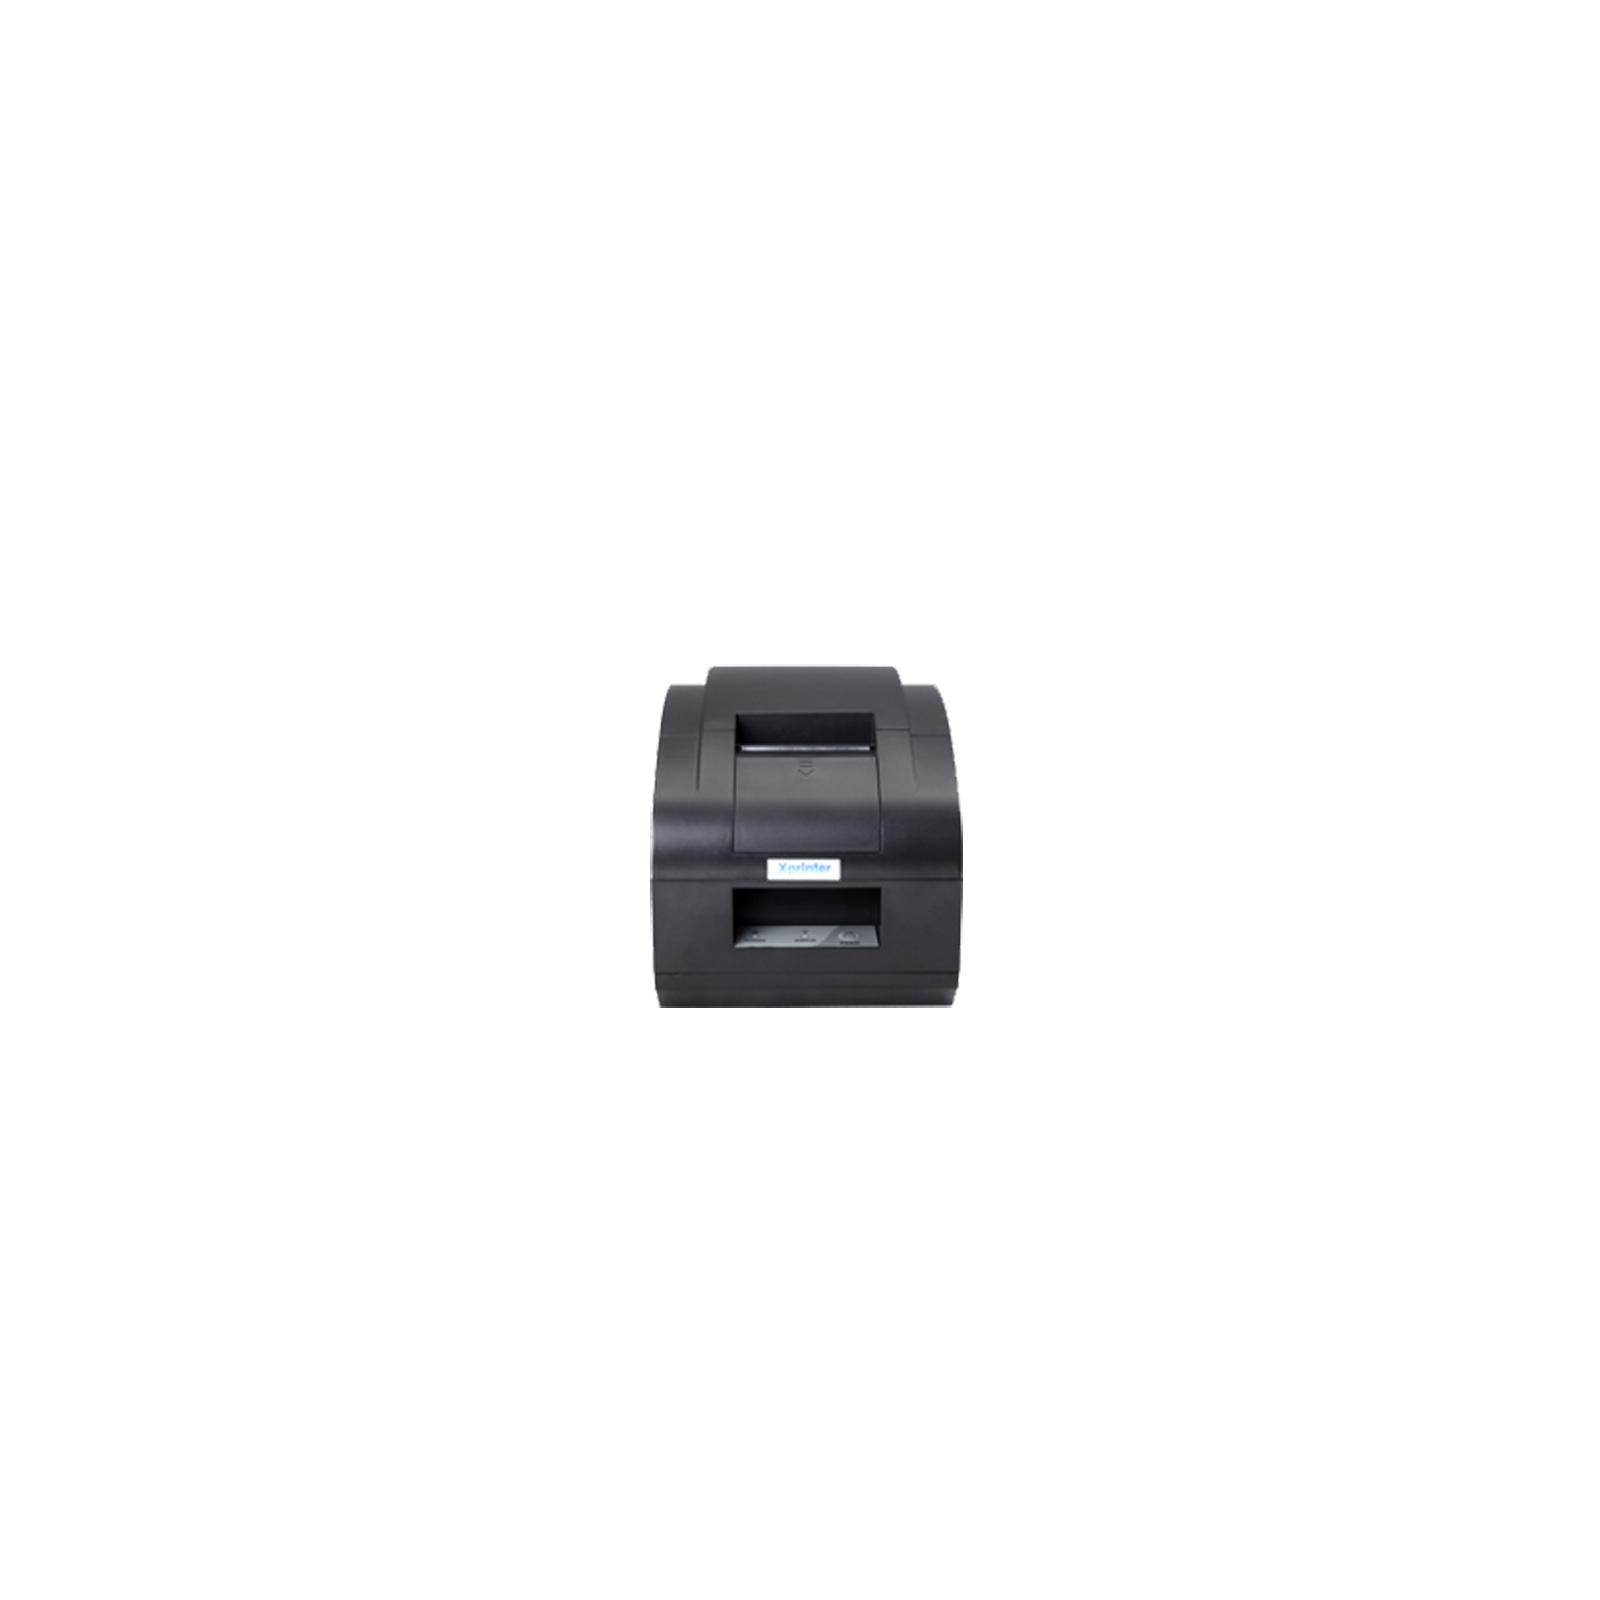 Принтер чеков X-PRINTER XP-T58NC USB изображение 2